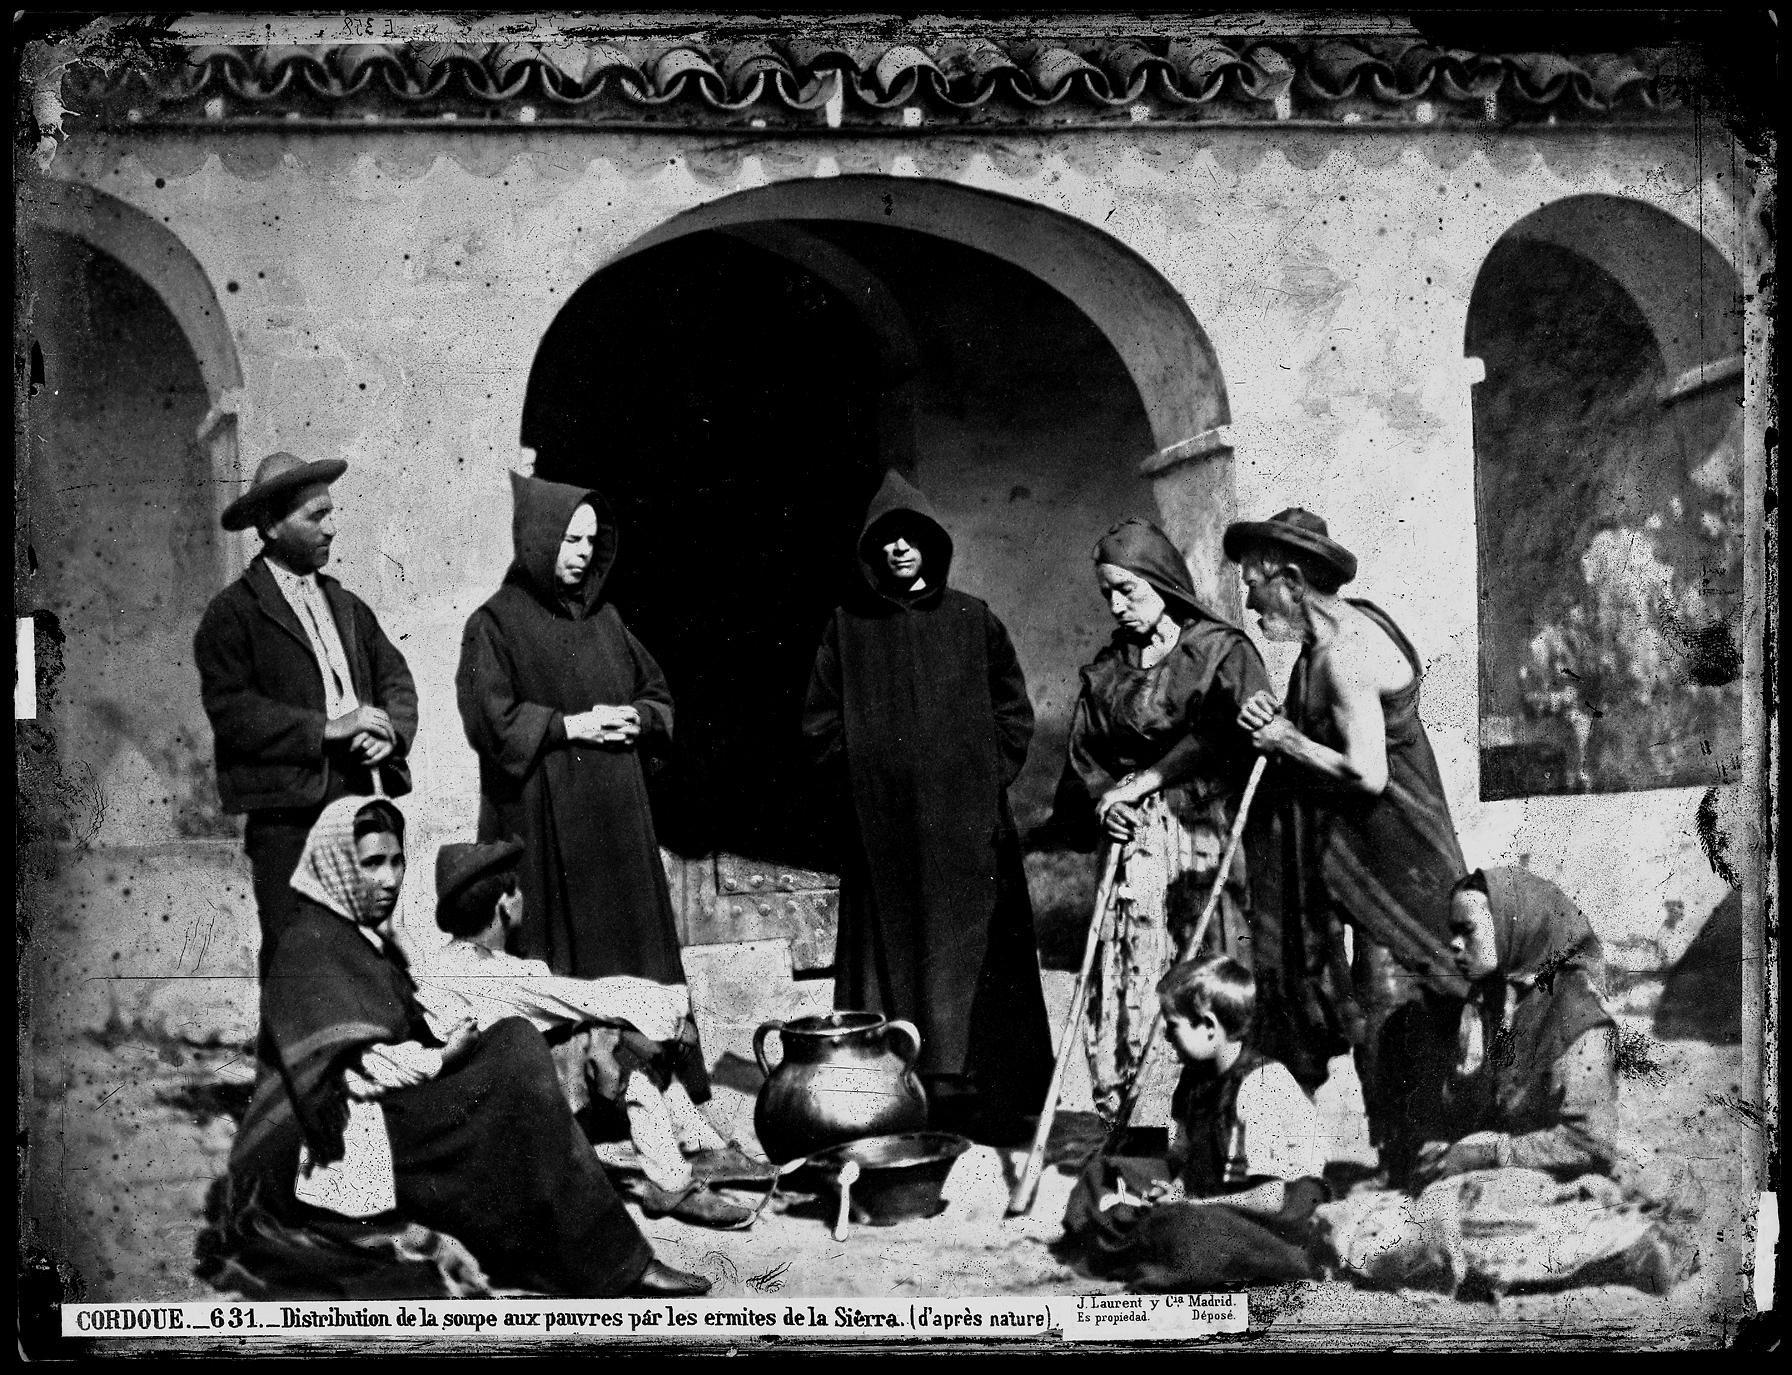 631 C�rdoba Distribuci�n de la sopa de los pobre servida por los ermita�os de la sierra.jpg